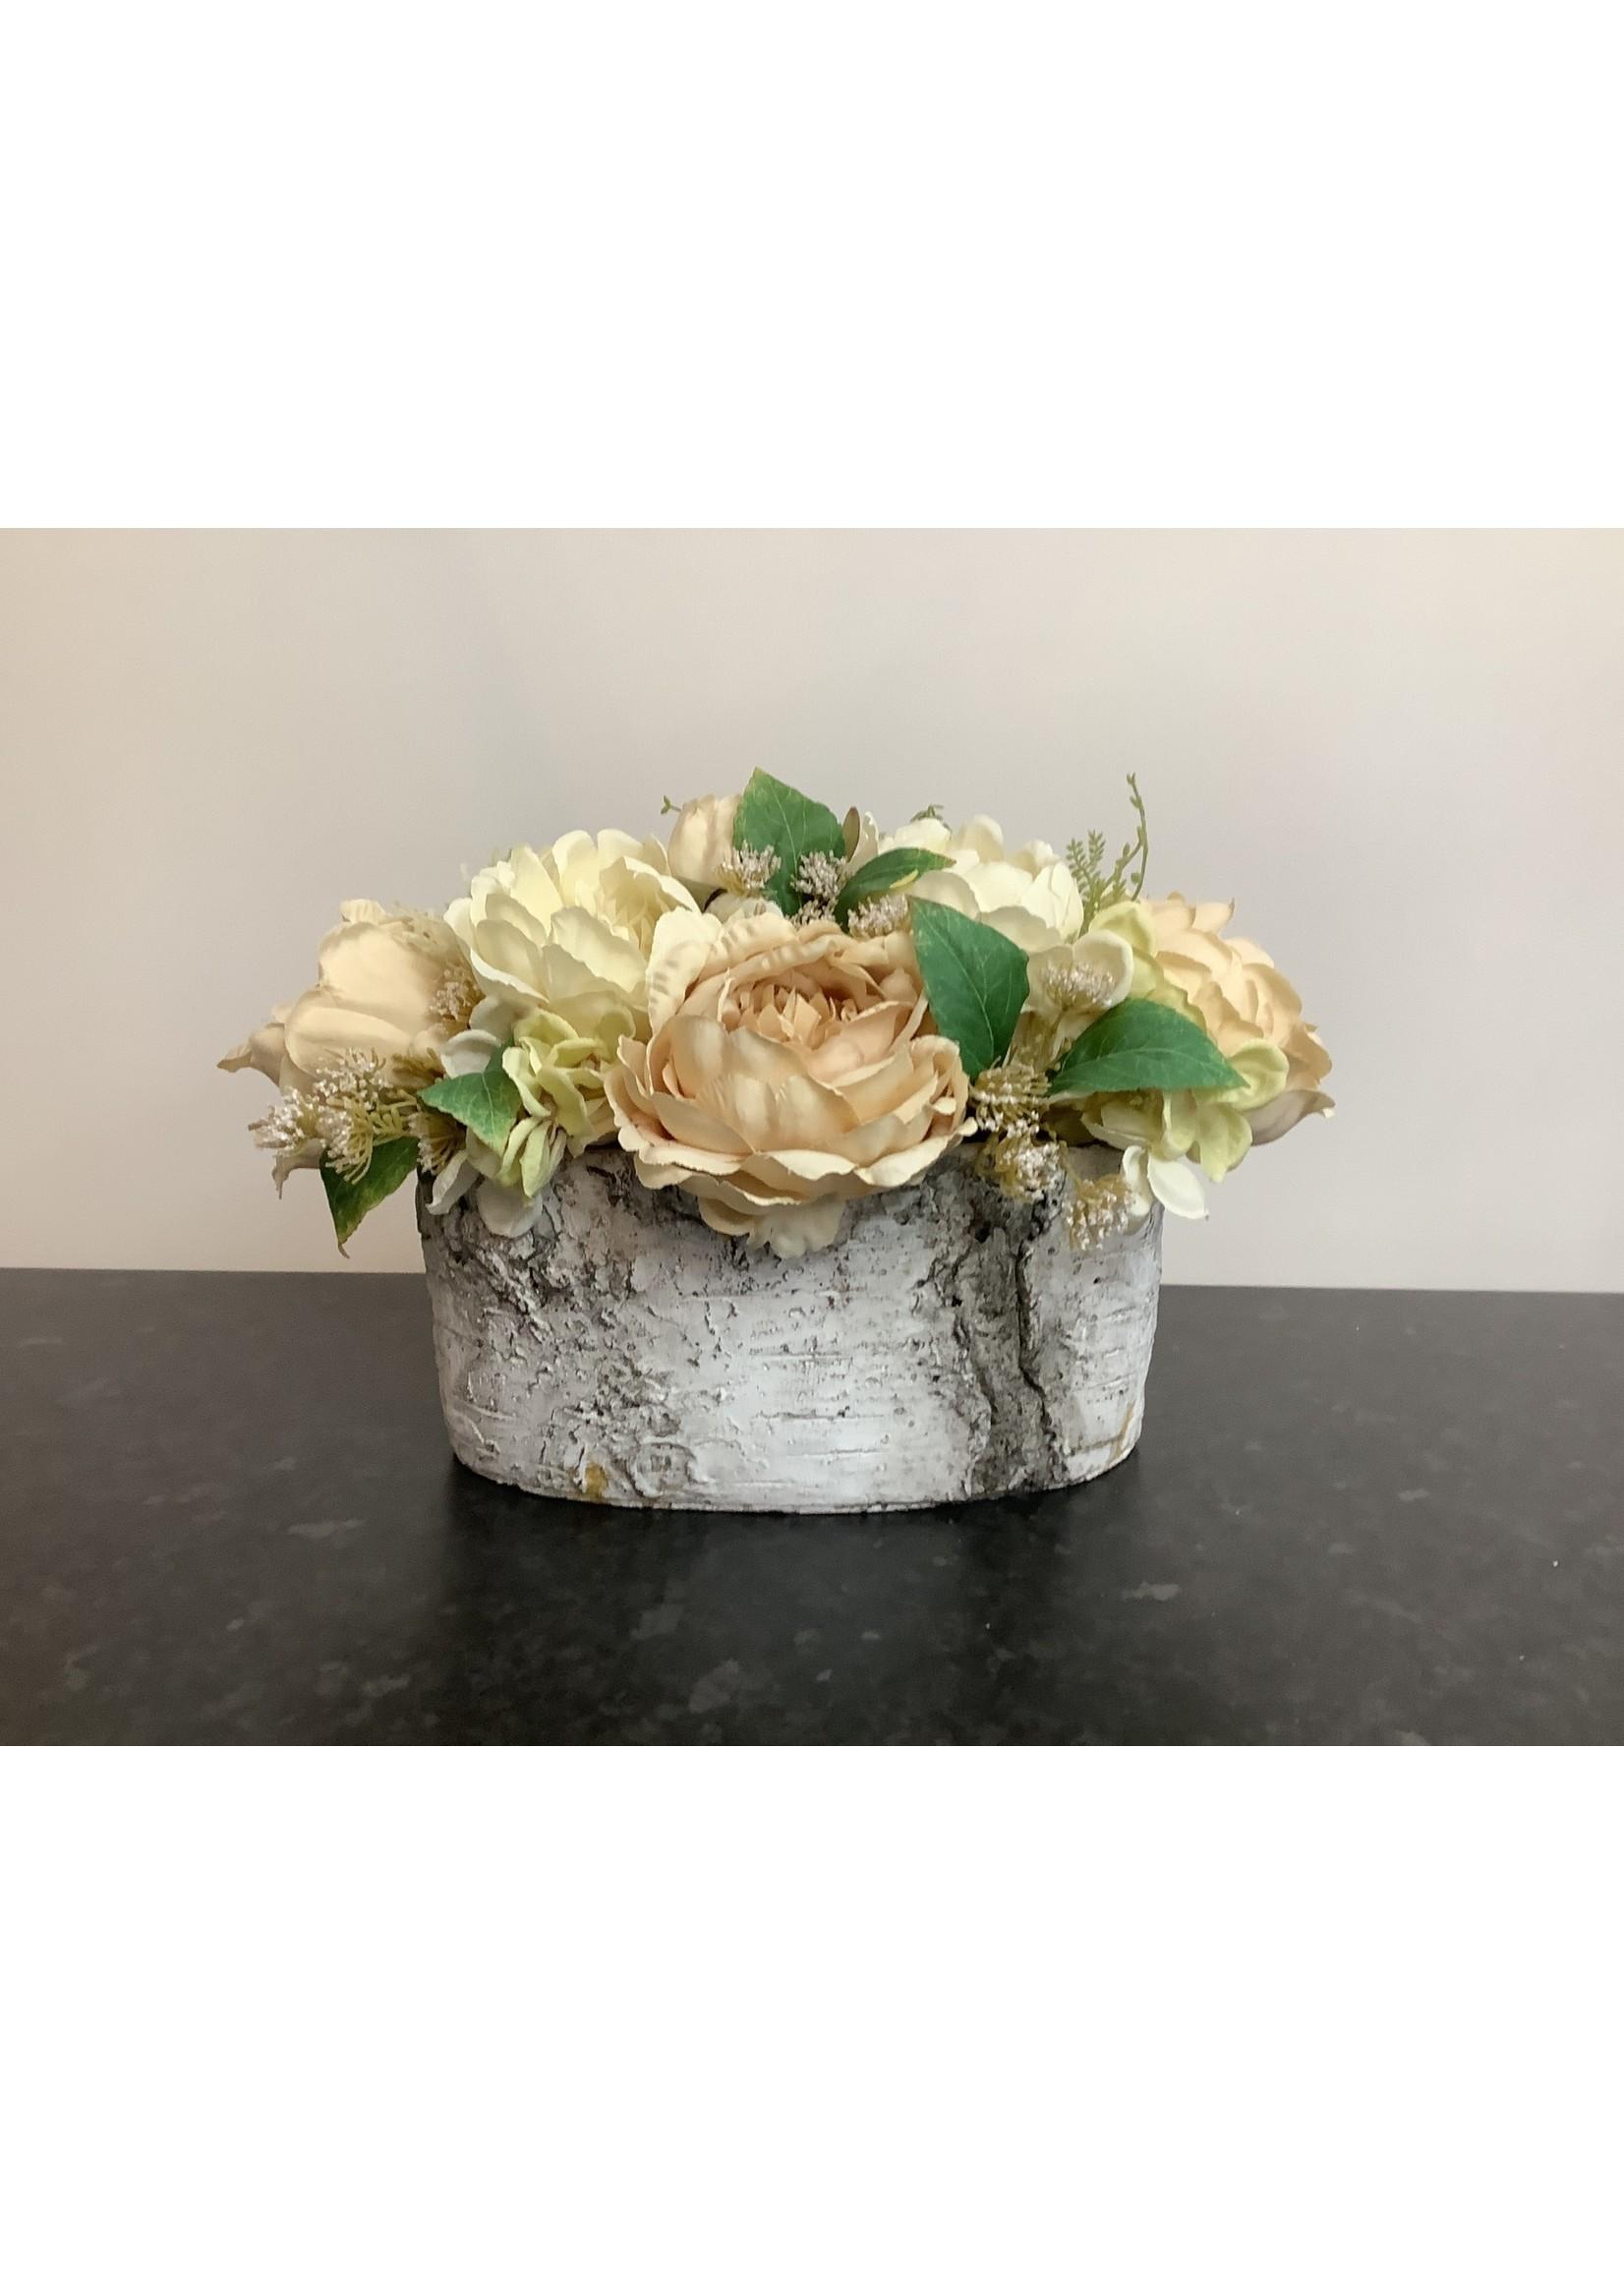 Vintage flowers in oval vase 24x22cm